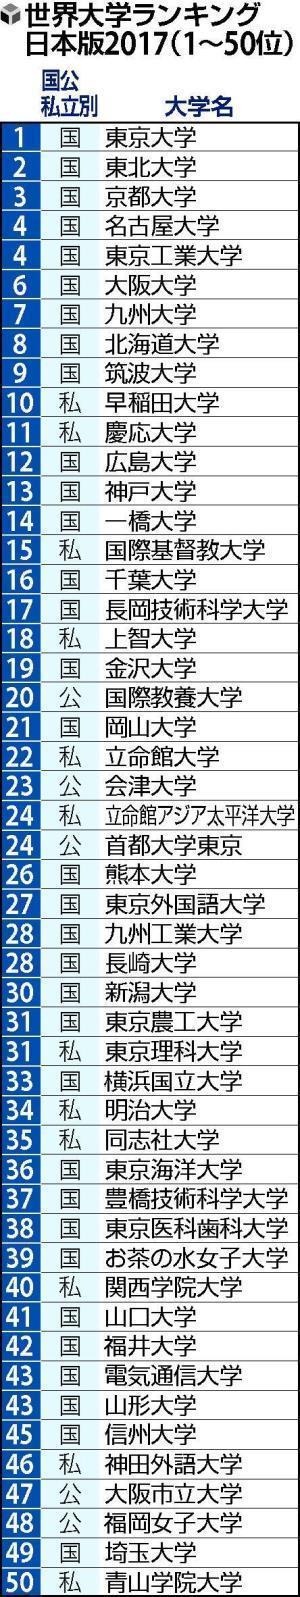 #亚洲果业#2017日本大学排名出炉 东京大学综合排名第一